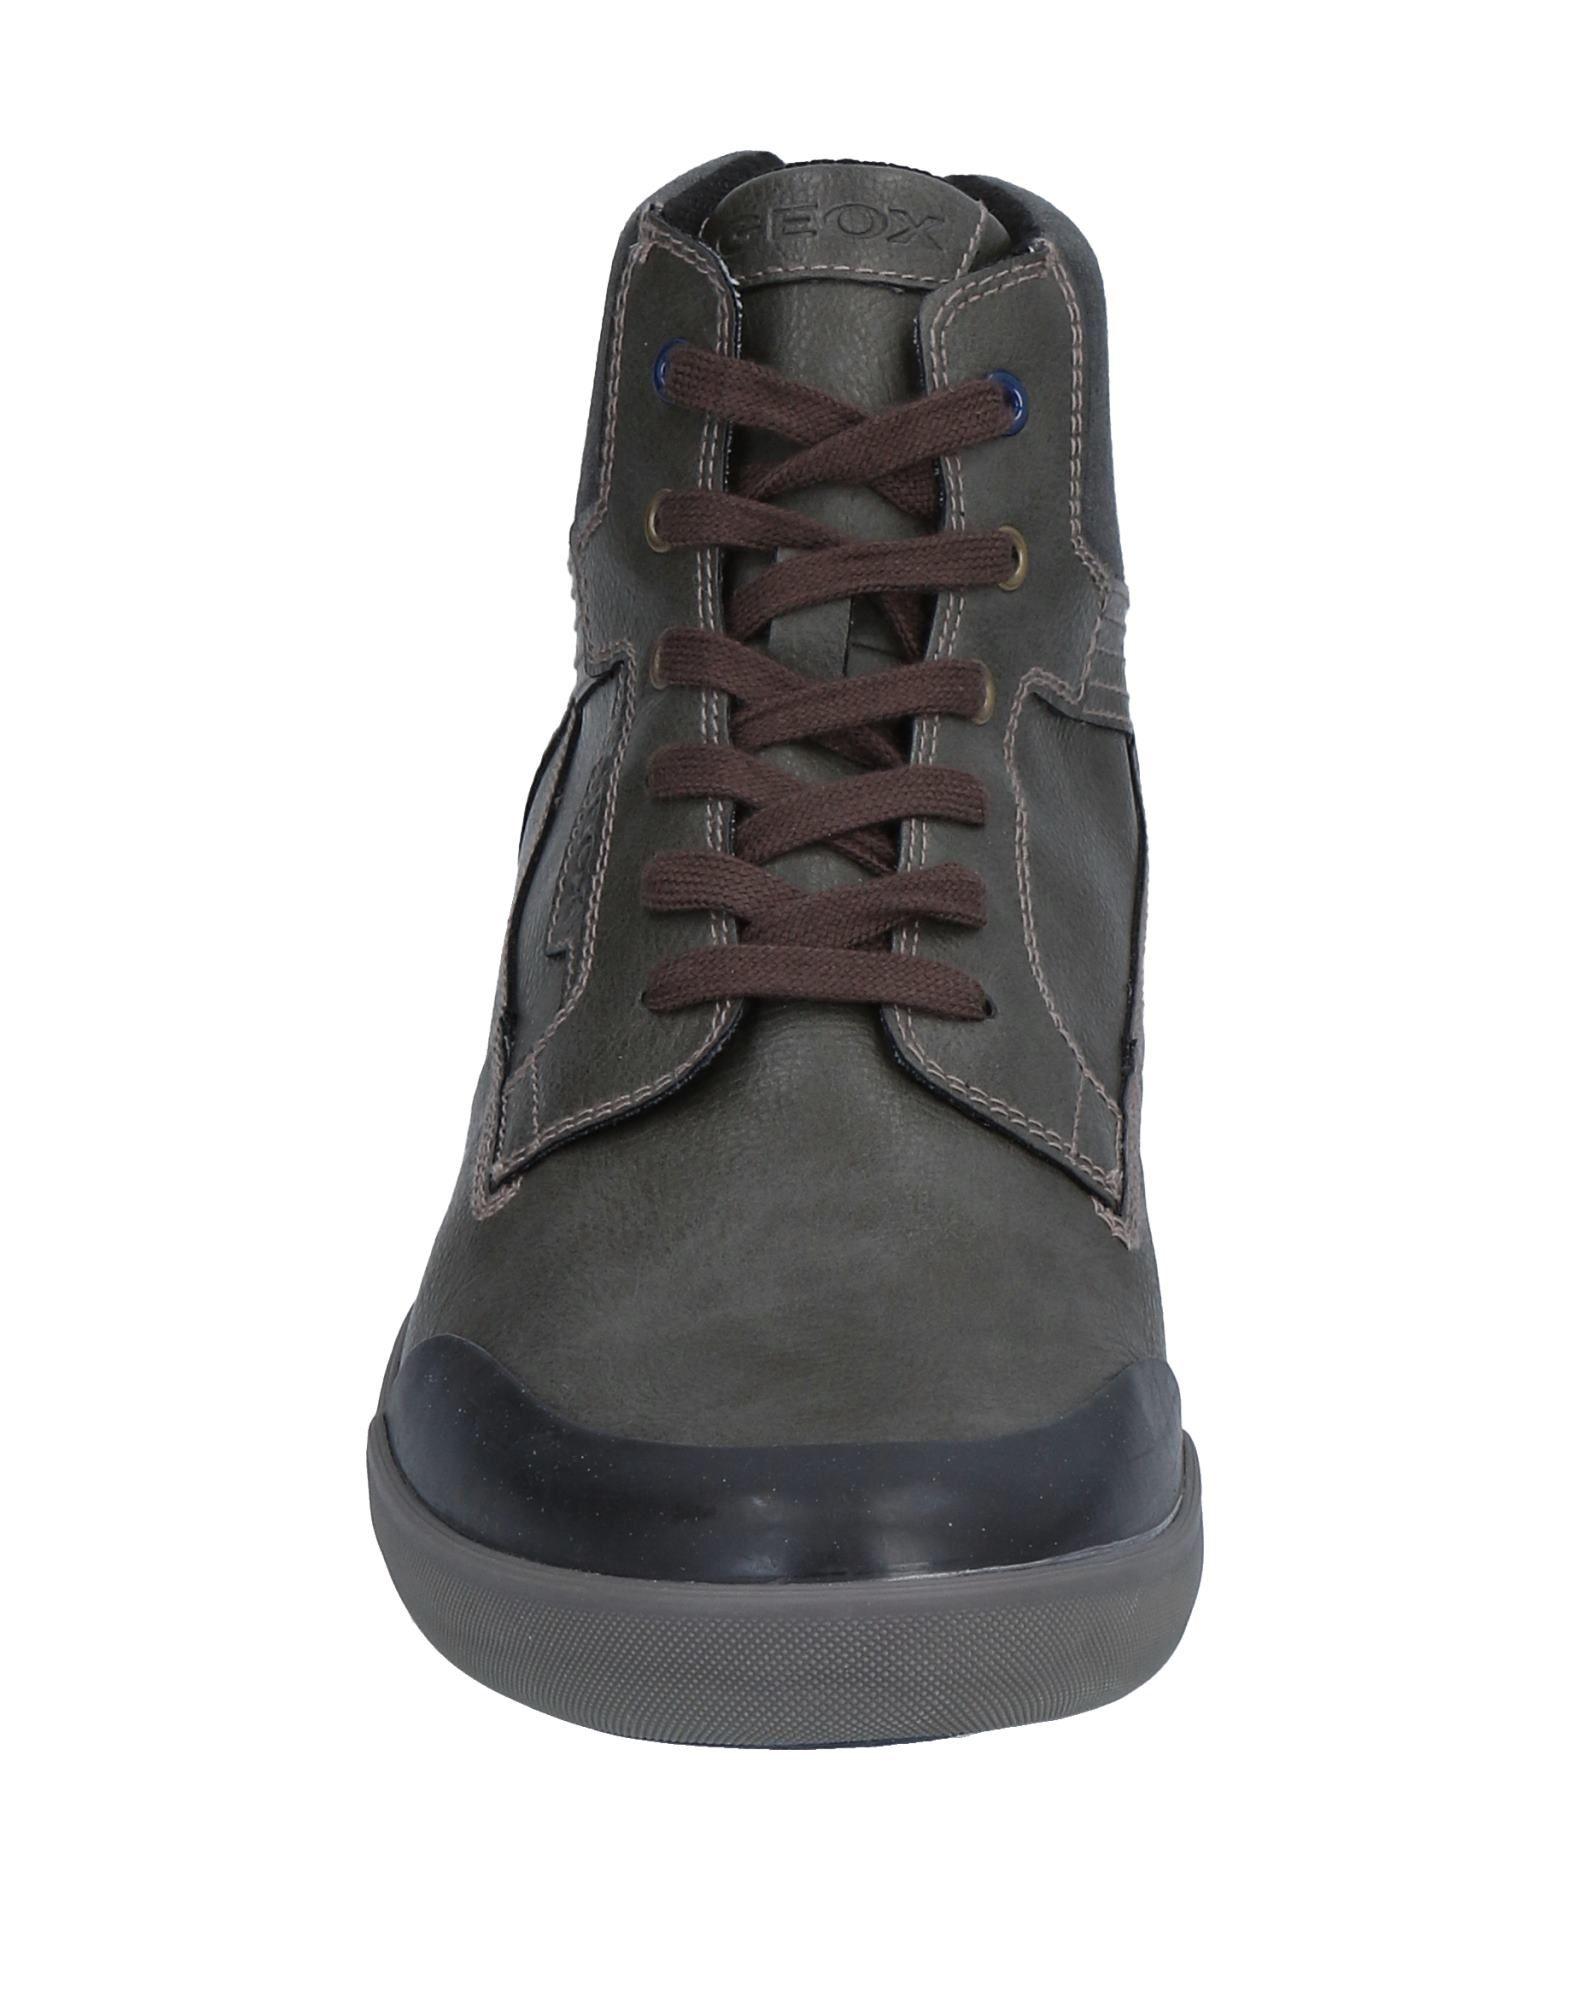 Geox Sneakers Schuhe Herren  11539614OT Heiße Schuhe Sneakers 175738